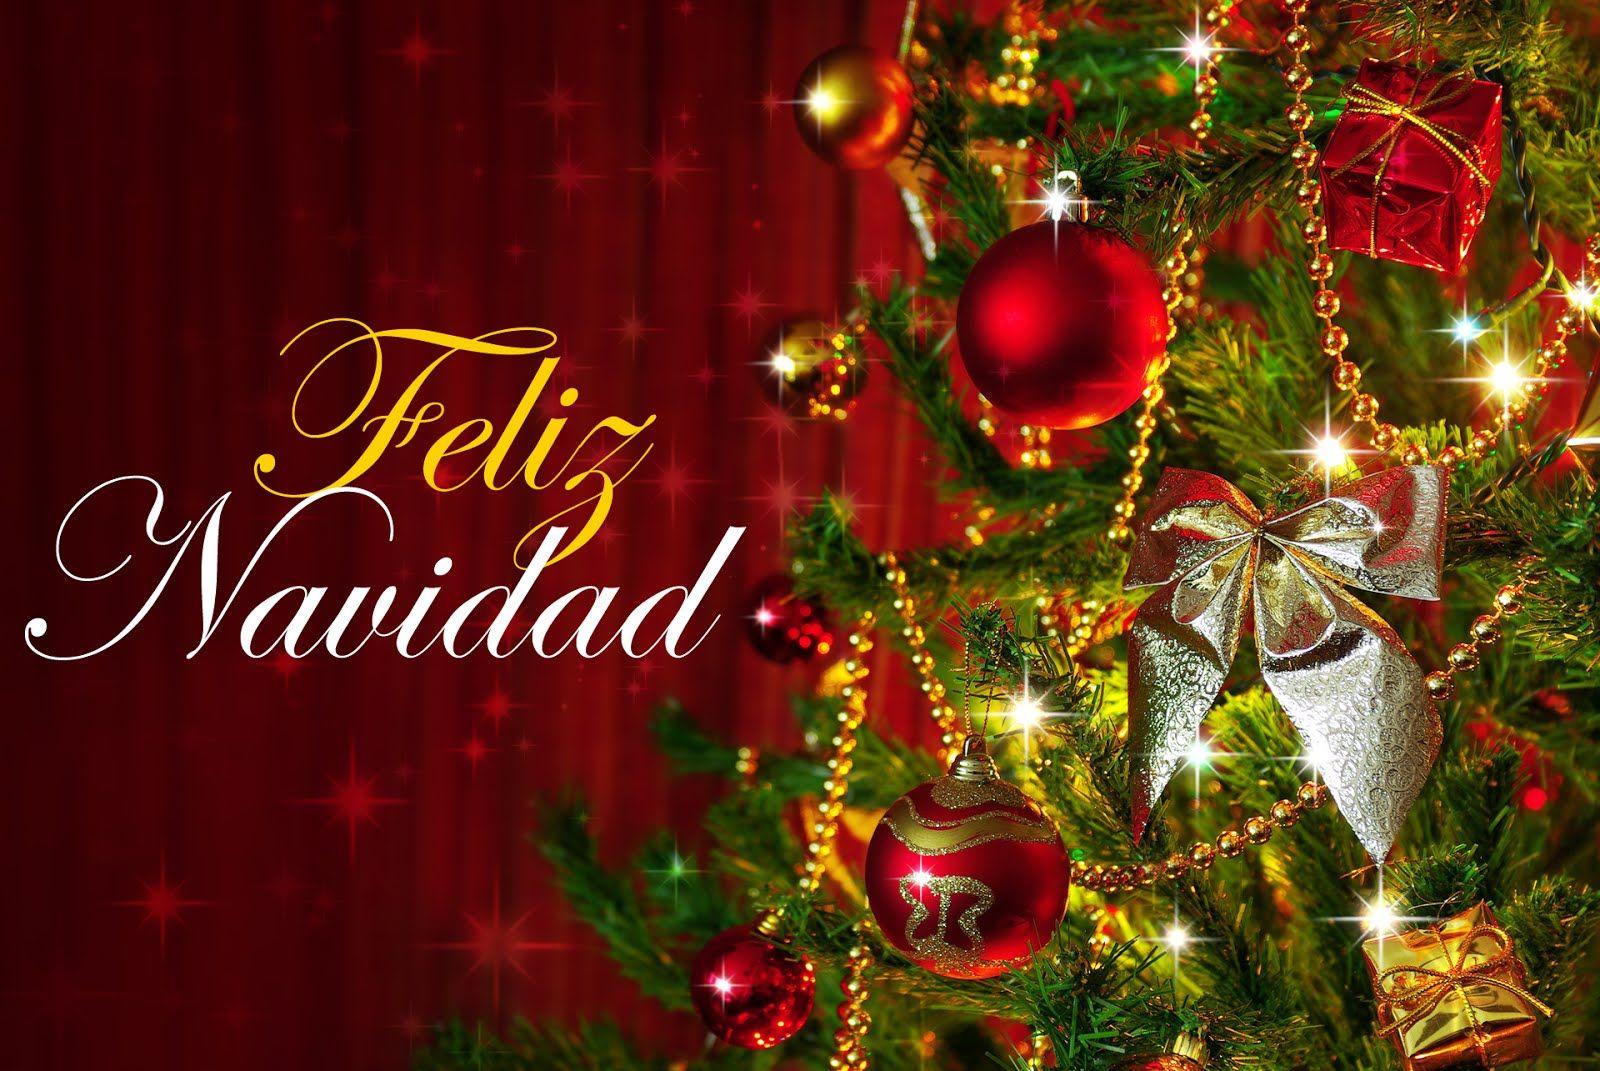 mensajes de navidad | Banco de Imágenes Gratis: Imágenes ...